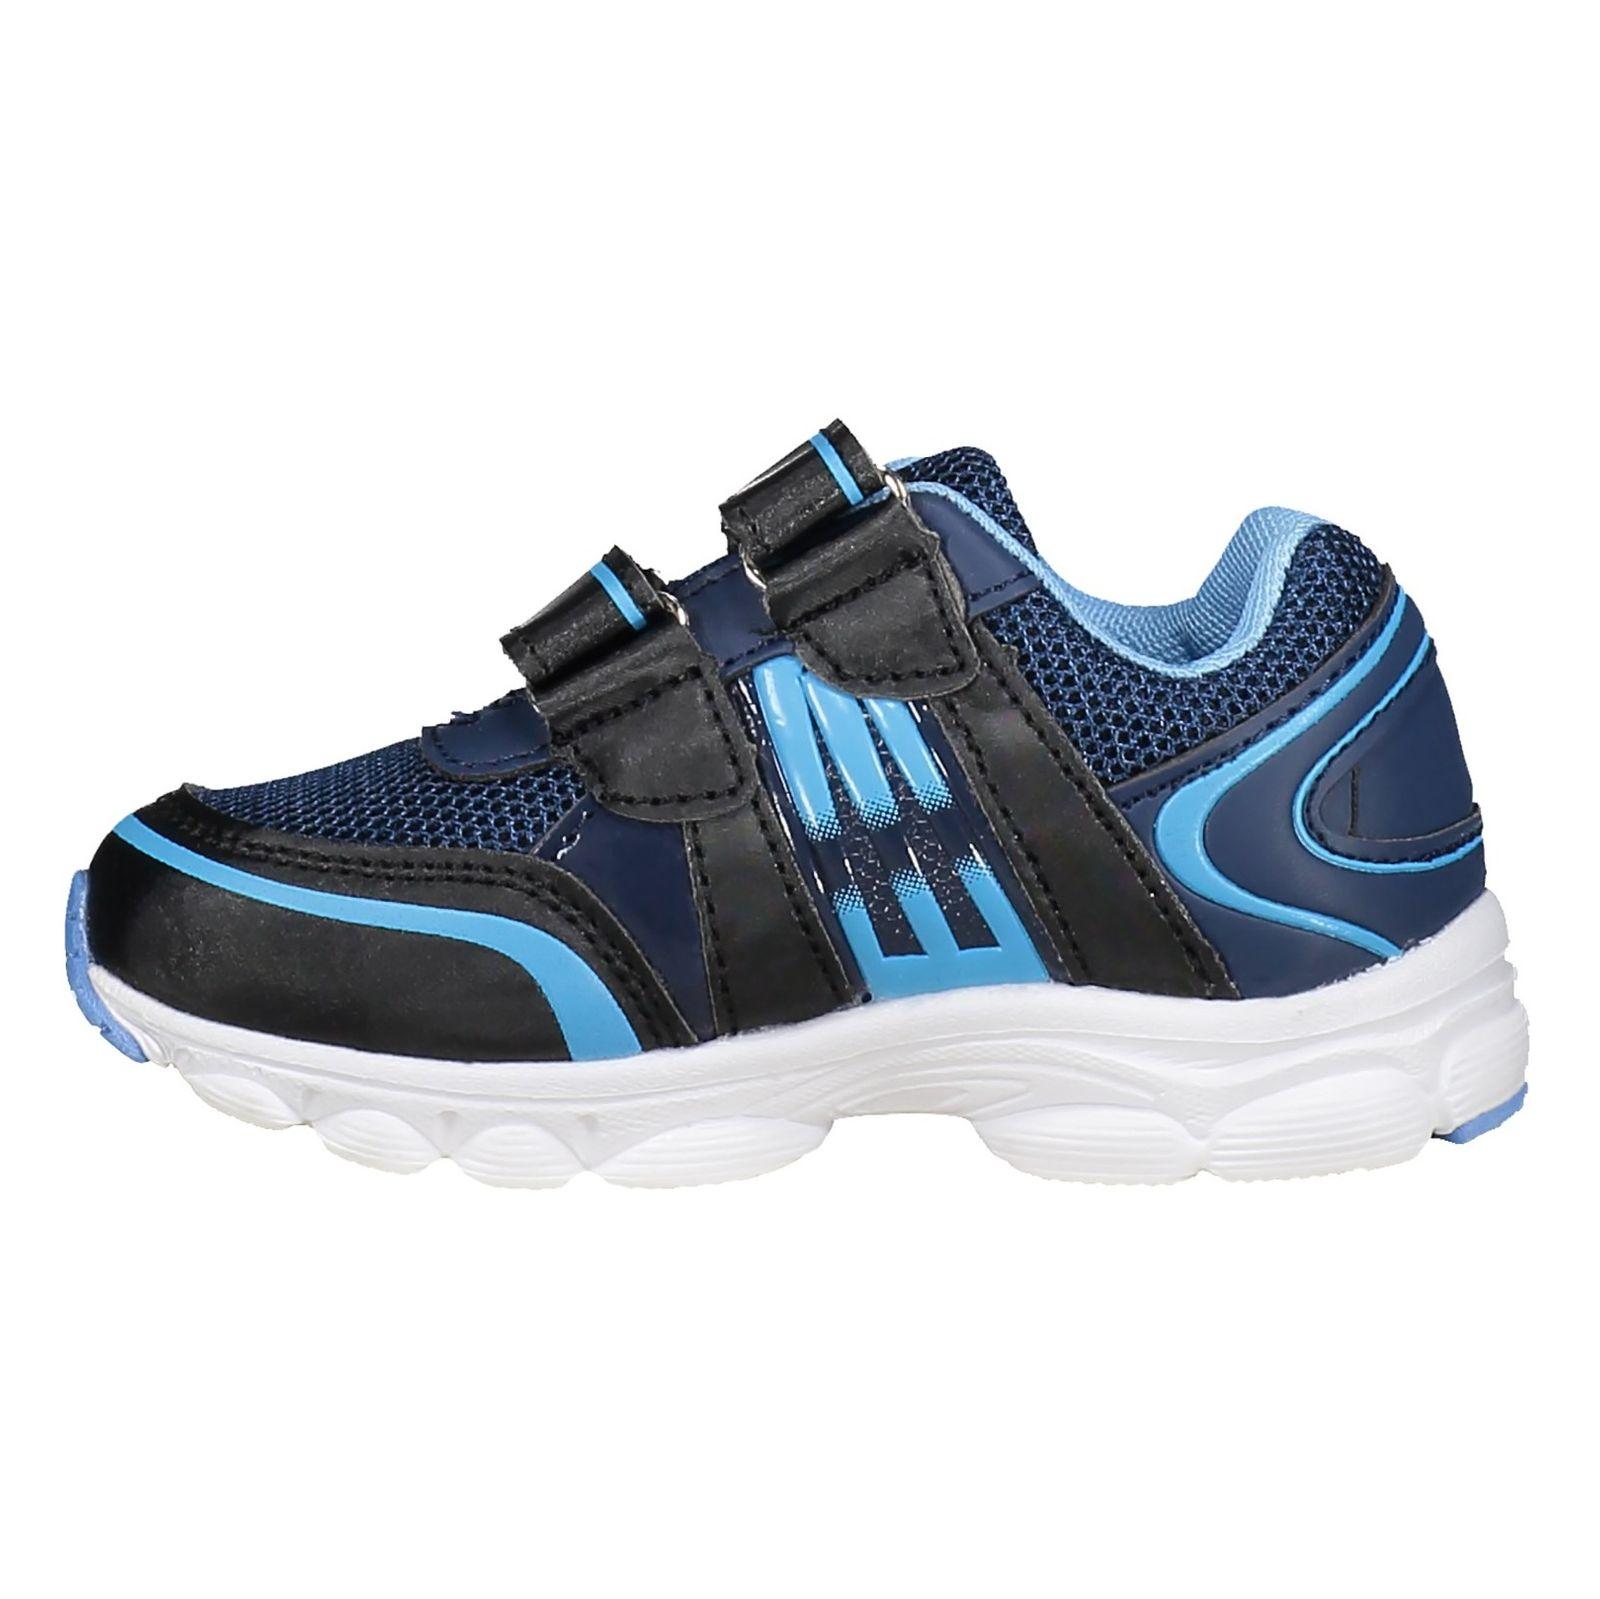 کفش ورزشی چسبی دخترانه - باتا - آبي  - 3